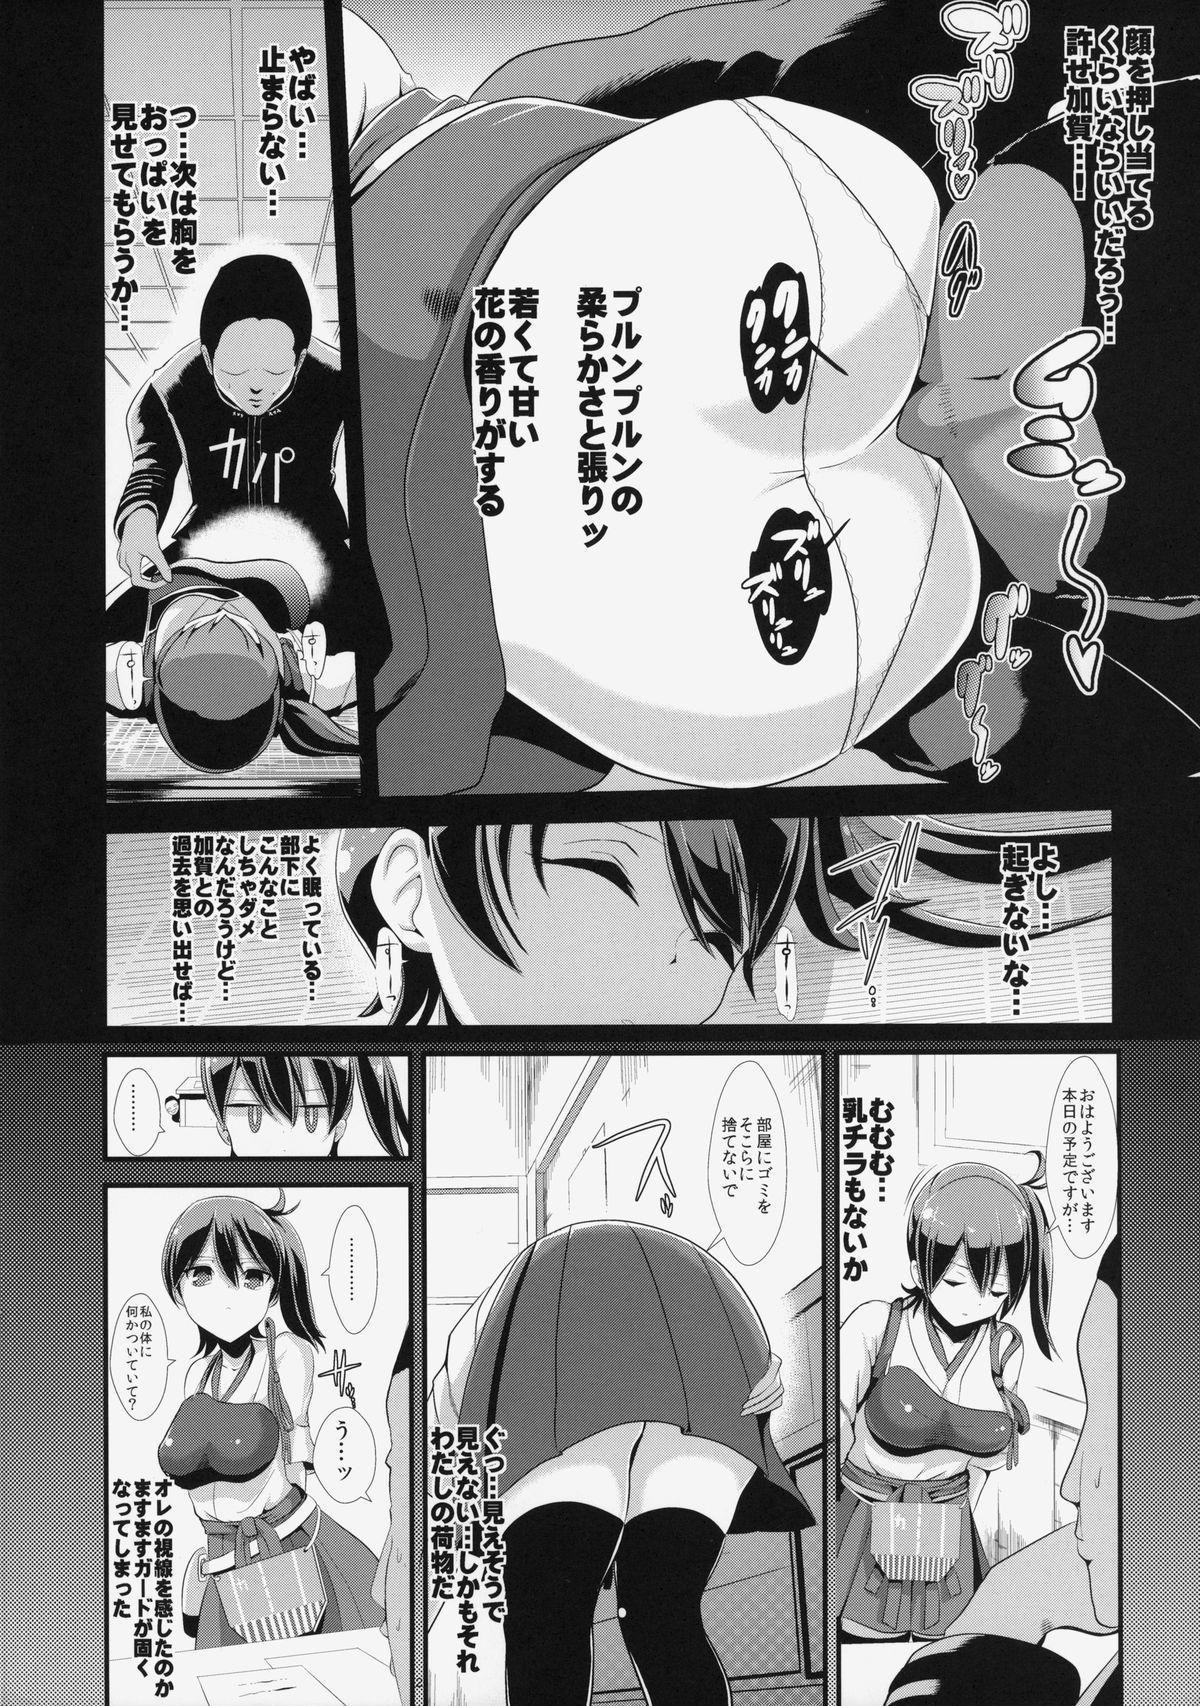 (SC64) [Haitokukan (Haitokukan, Poshi)] KanColle Suikan 2 -Chinmoku no Kantai- Kaga (Kantai Collection -KanColle-) 2